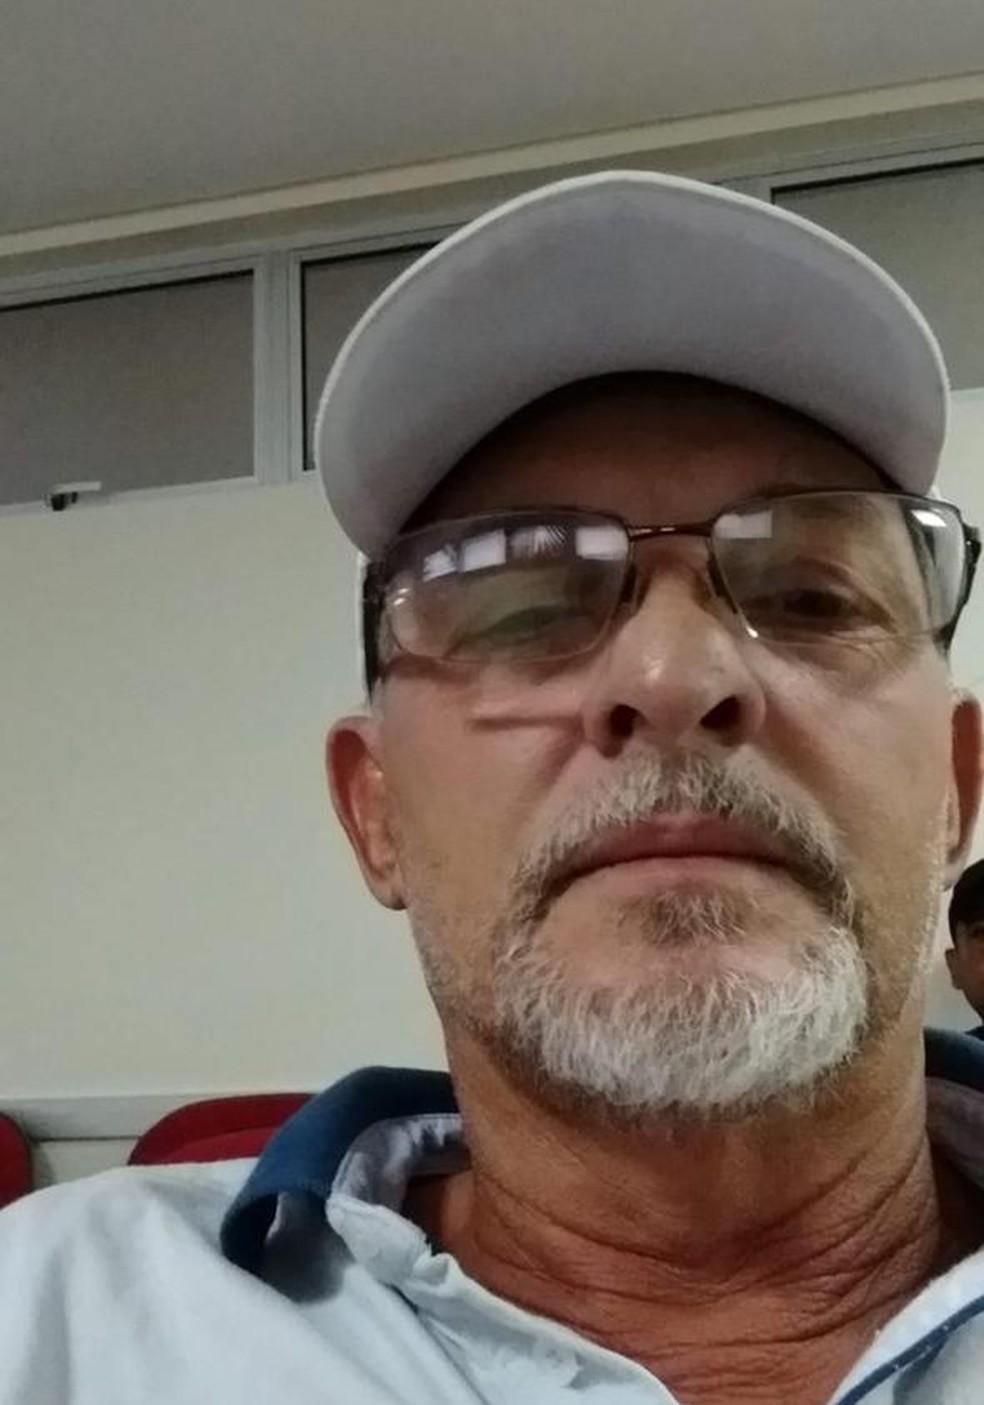 Empresário Cezar Marafron morreu eletrocutado em uma fazenda no Sul do Piauí — Foto: Reprodução/ Facebook